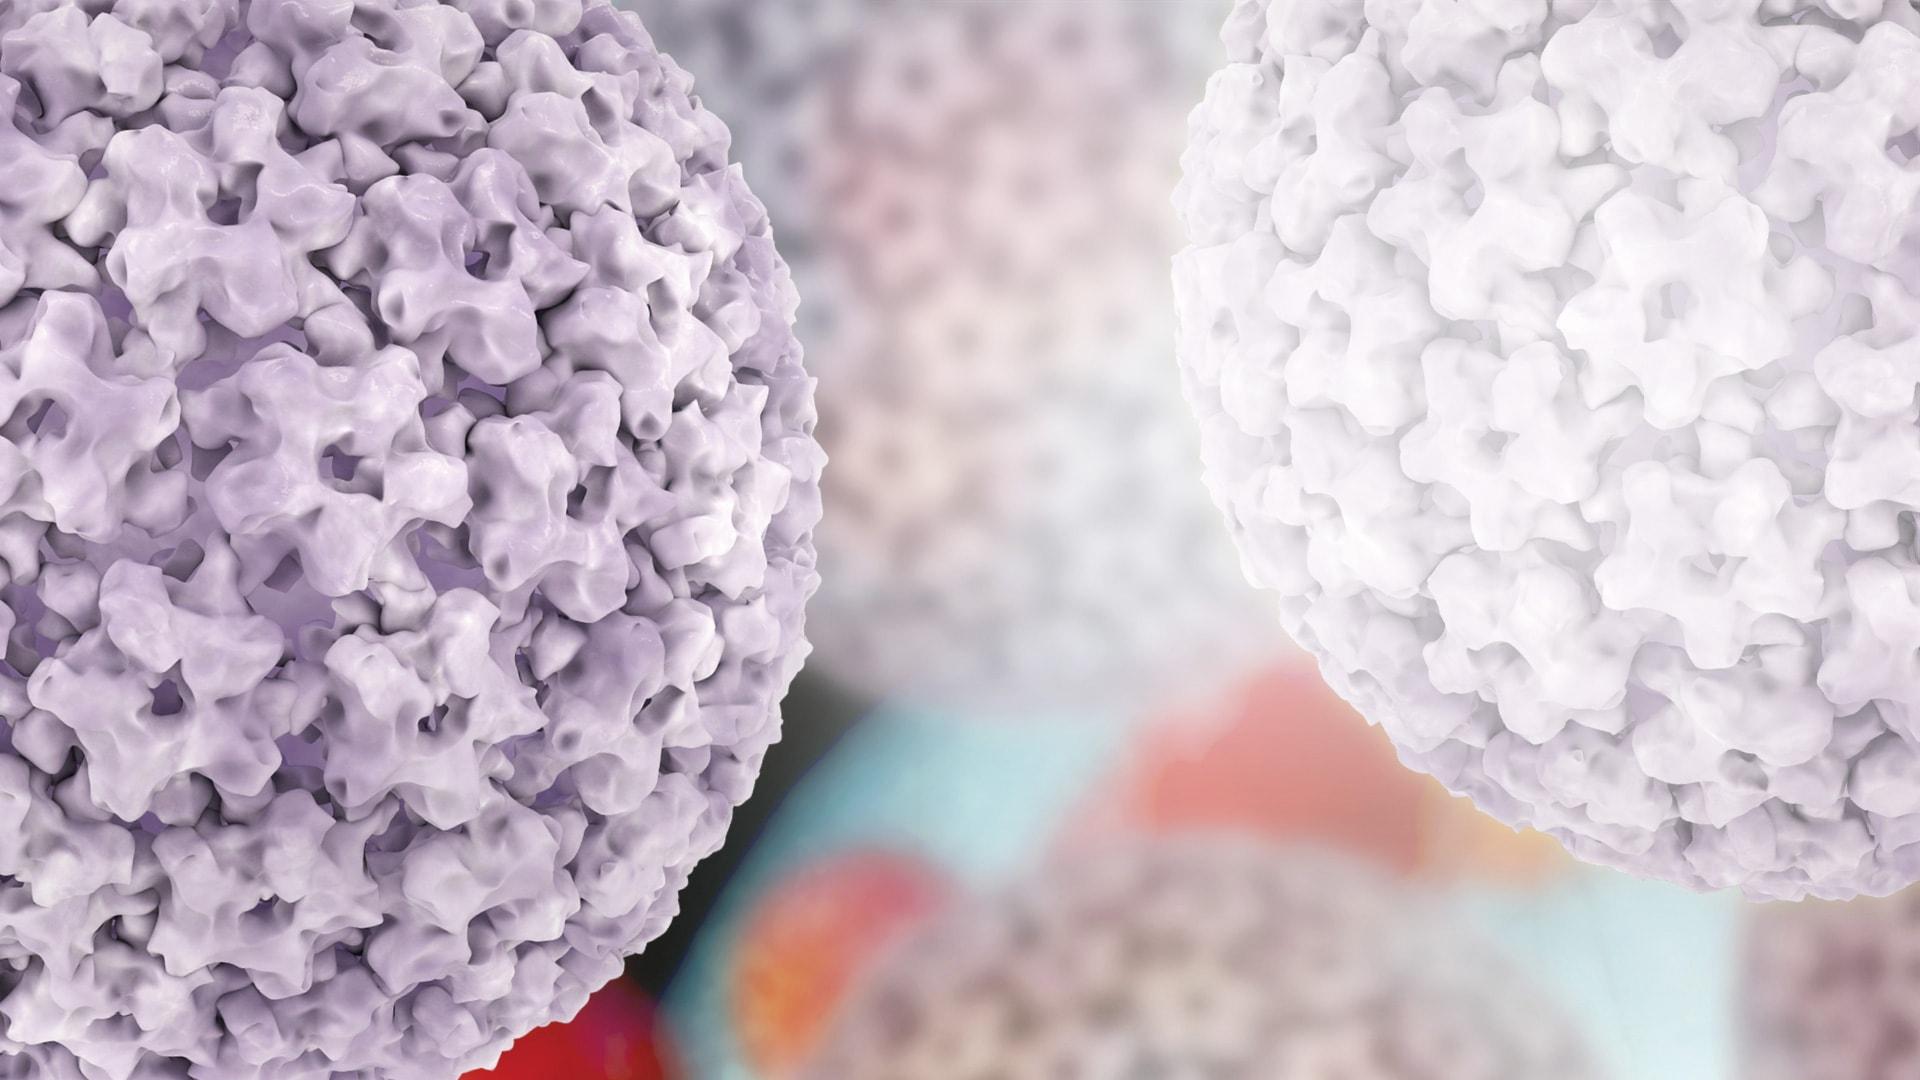 Uloga HPV-a u nastanku raka vrata maternice